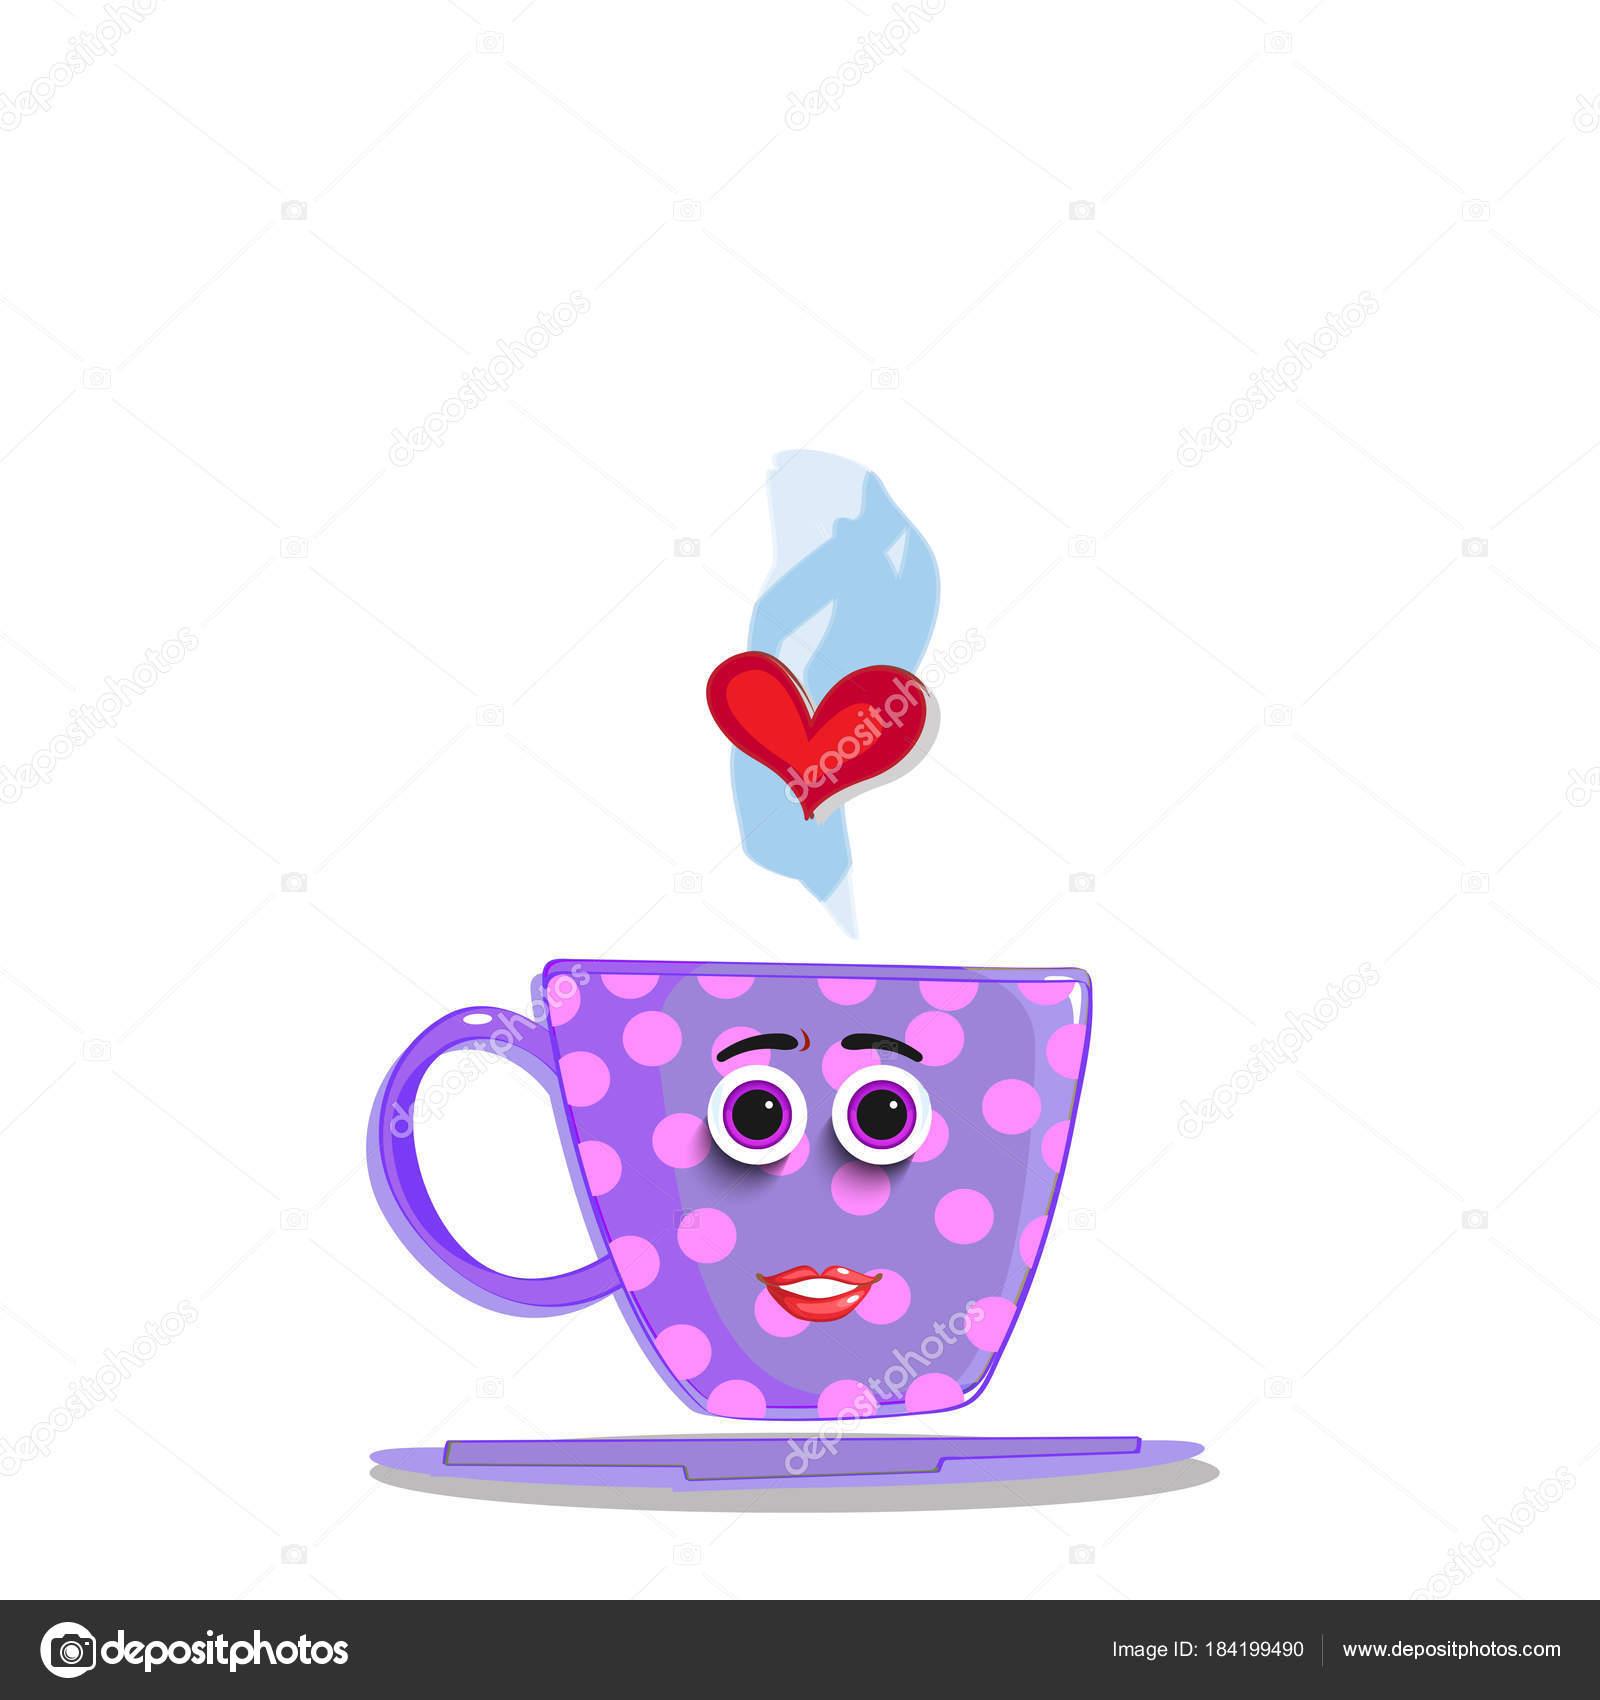 copo bonito dos desenhos animados violeta com rosto de elias vetor